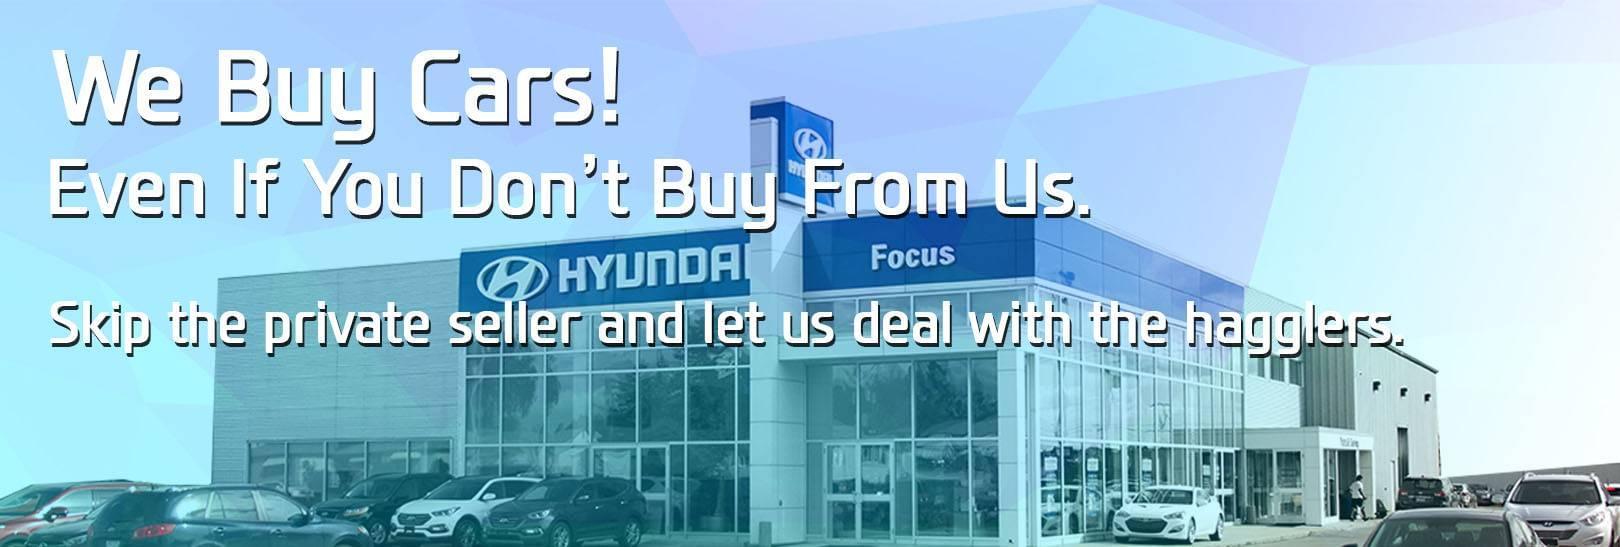 Car Truck Trade In Value Focus Hyundai Near Steinbach